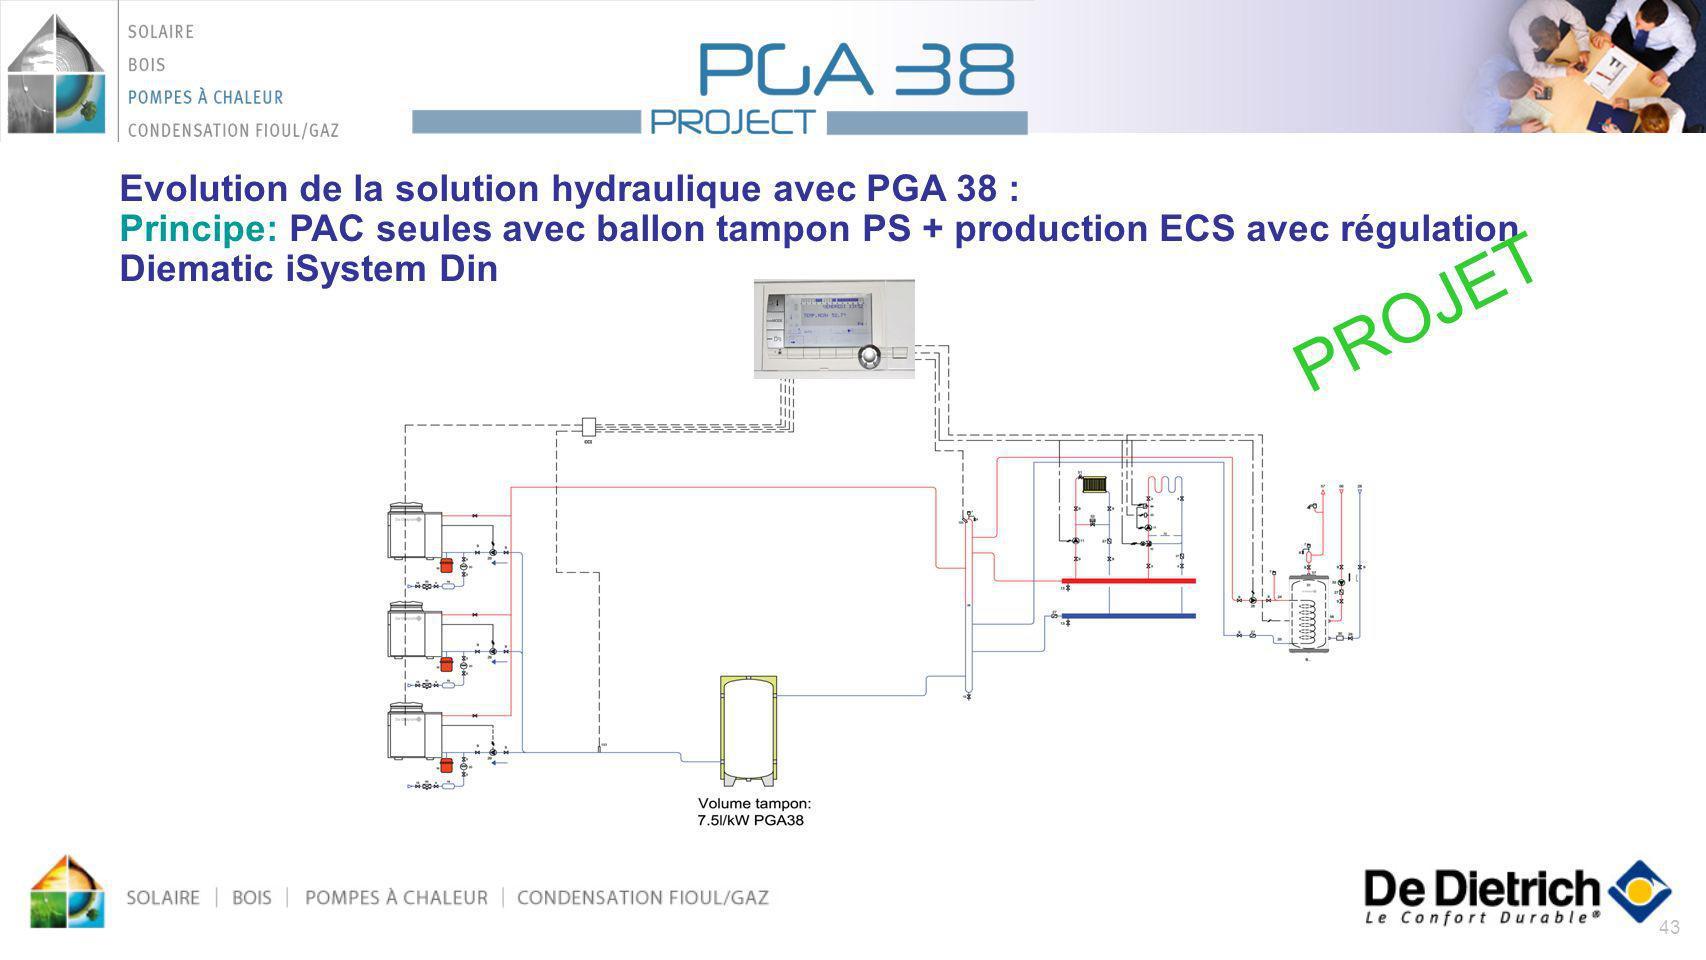 43 Evolution de la solution hydraulique avec PGA 38 : Principe: PAC seules avec ballon tampon PS + production ECS avec régulation Diematic iSystem Din